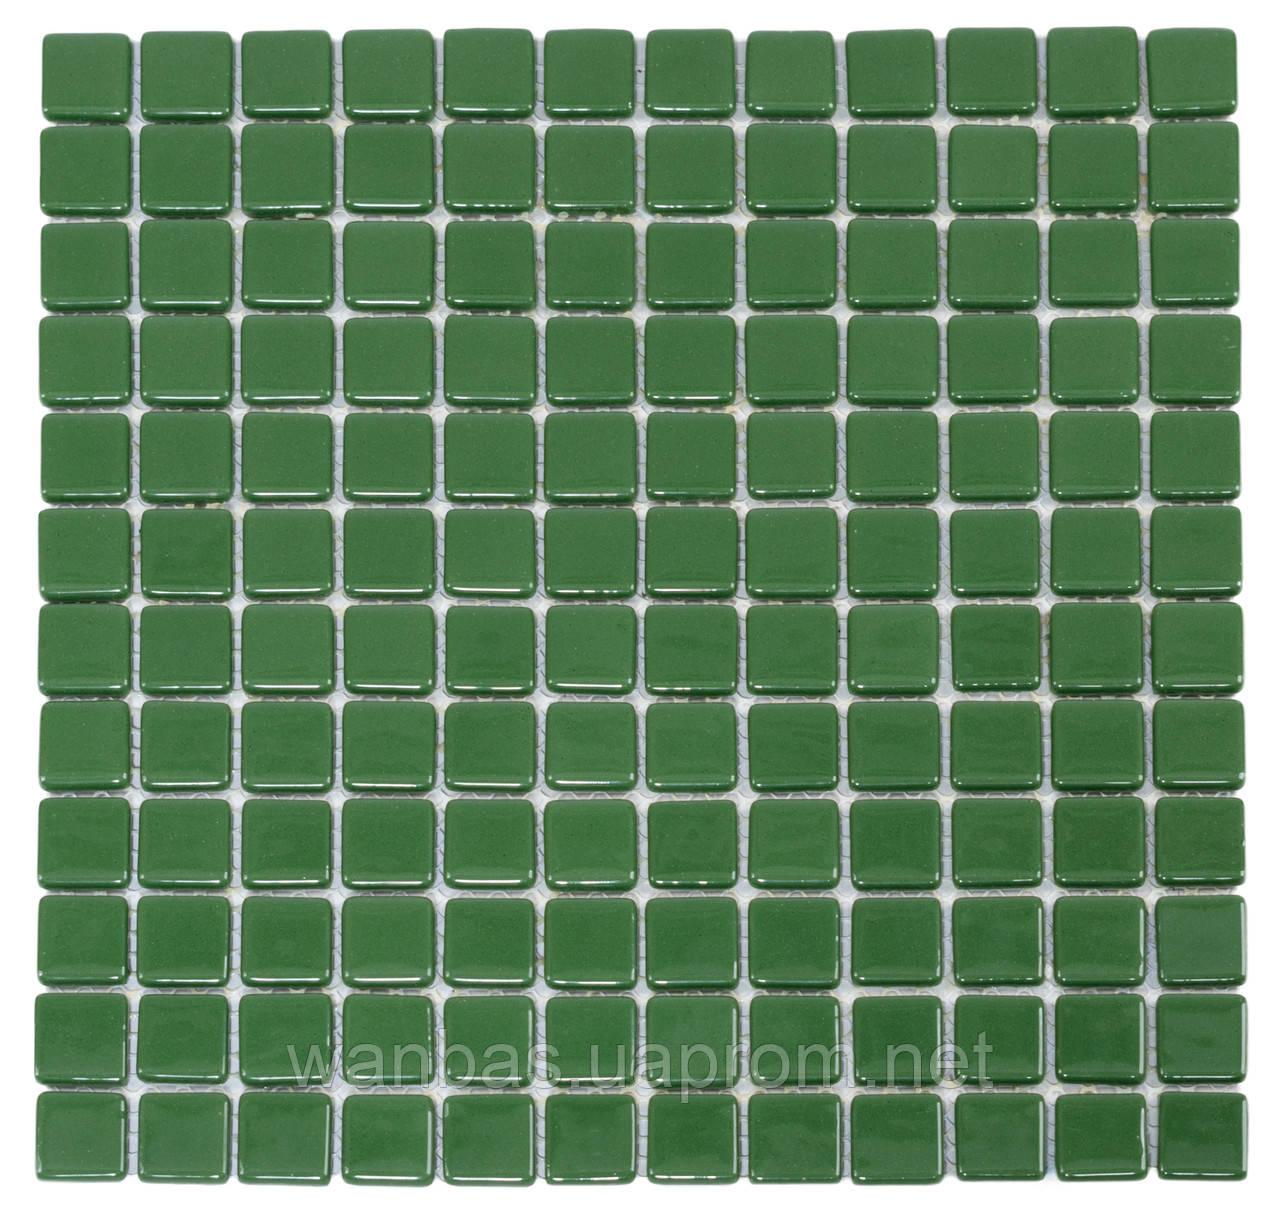 Стеклянная мозаика с закругленными краями   Green MK 25113 25х25 мм.